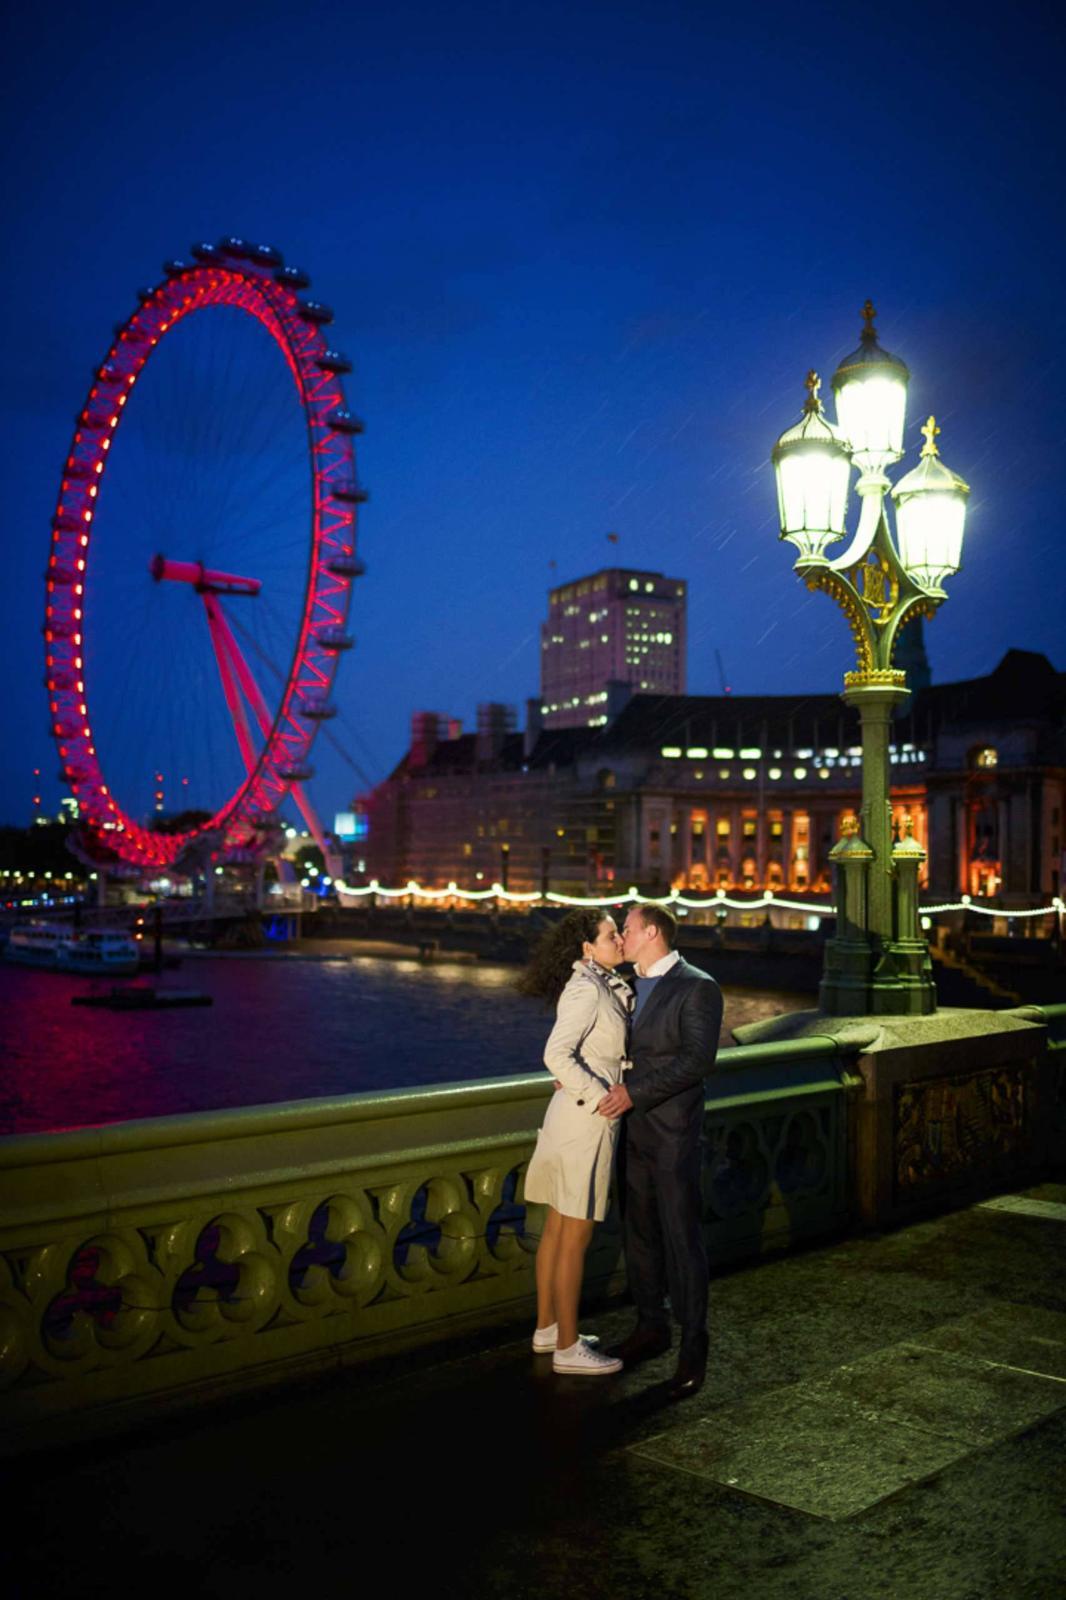 I 💜 London- nase mladomanzelske rande 💜 - Obrázok č. 10